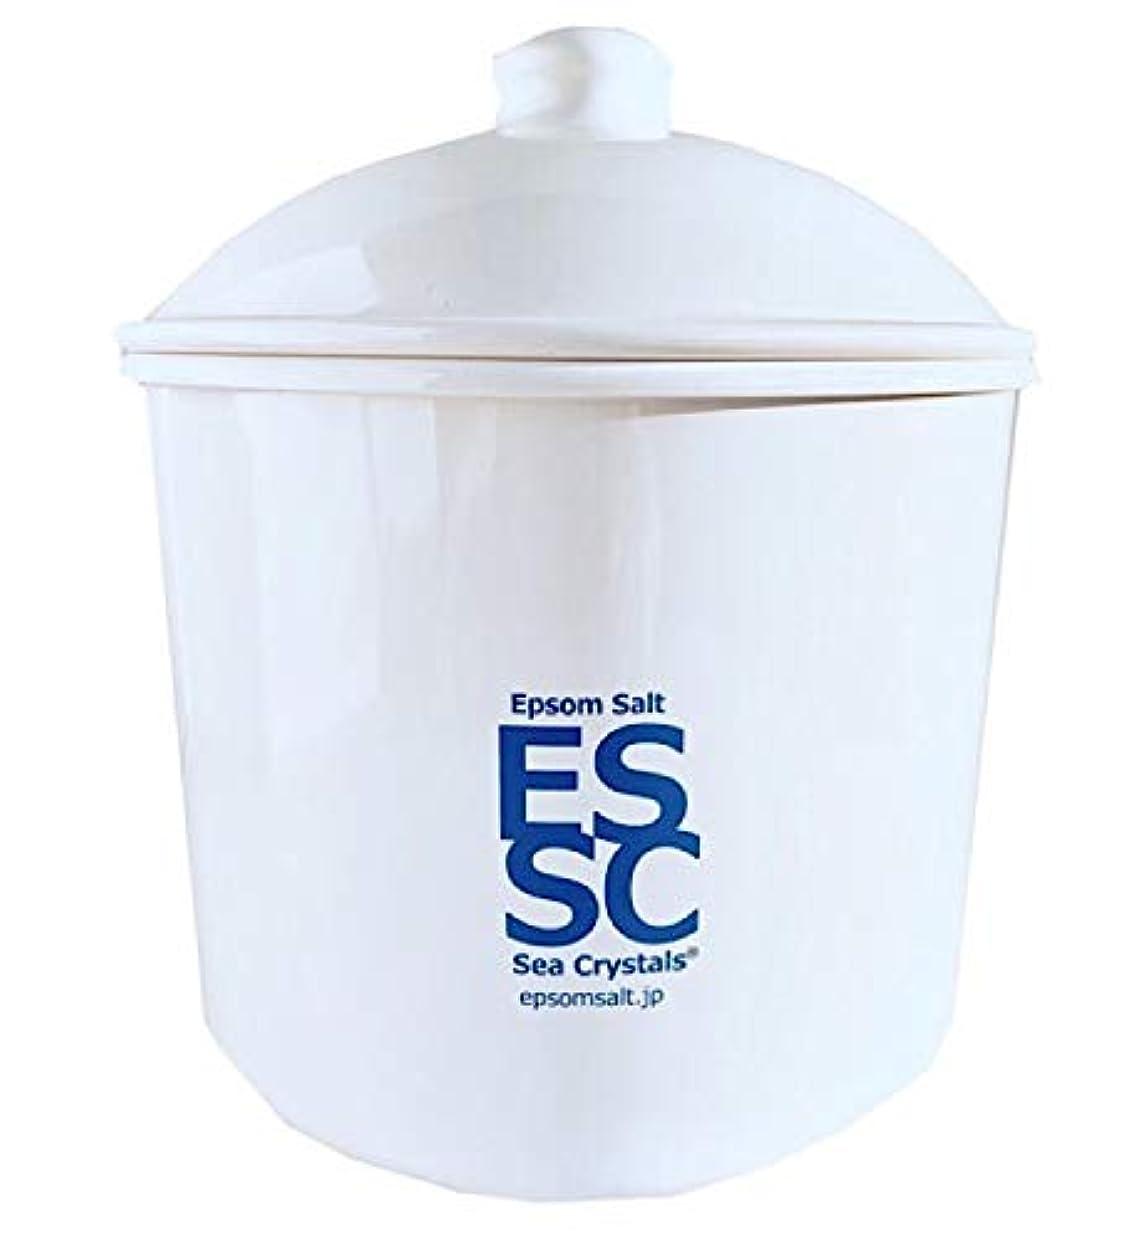 シークリスタルス 国産 エプソムソルト 入浴剤 ケース入り2.2kg 約14回分 計量スプーン付き 無香料 硫酸マグネシウム